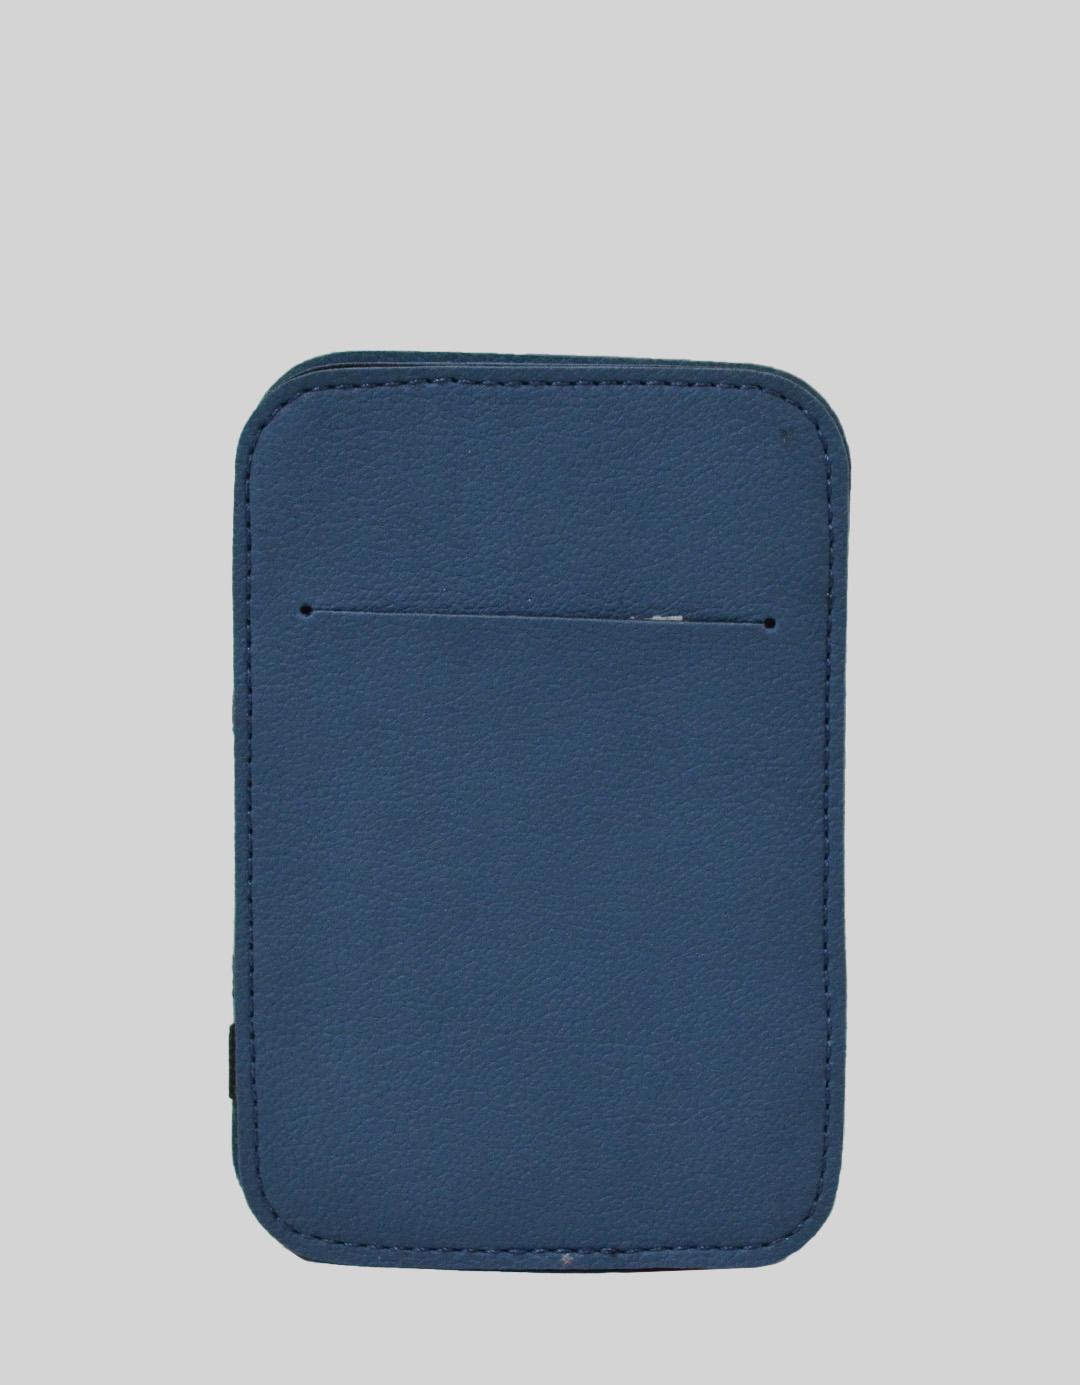 Carteira Mágica Masculina Slim Azul Lucas Pão